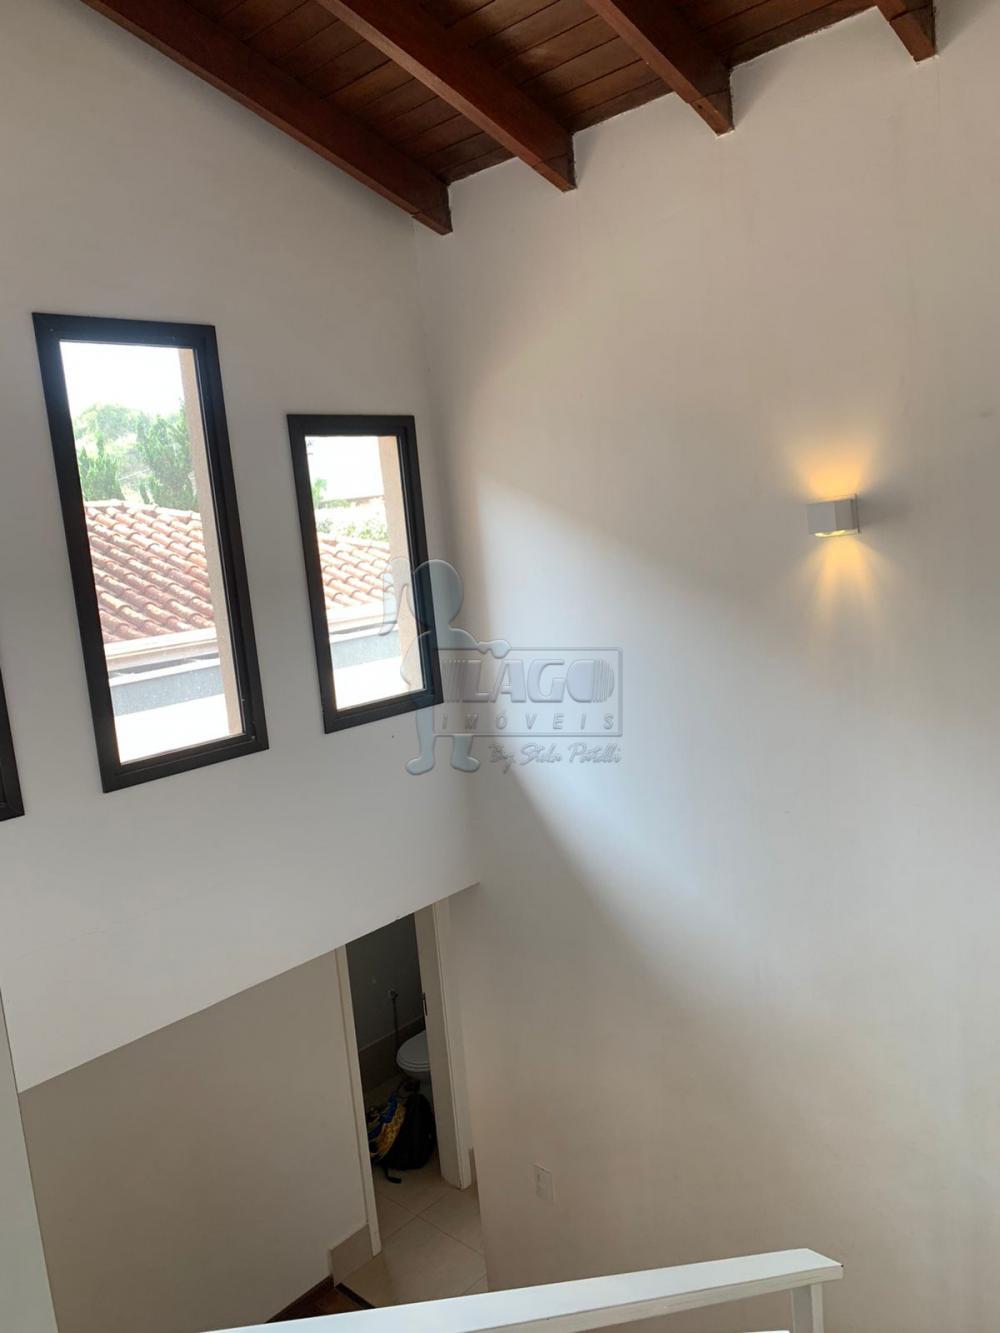 Comprar Casas / Condomínio em Bonfim Paulista R$ 1.555.000,00 - Foto 27